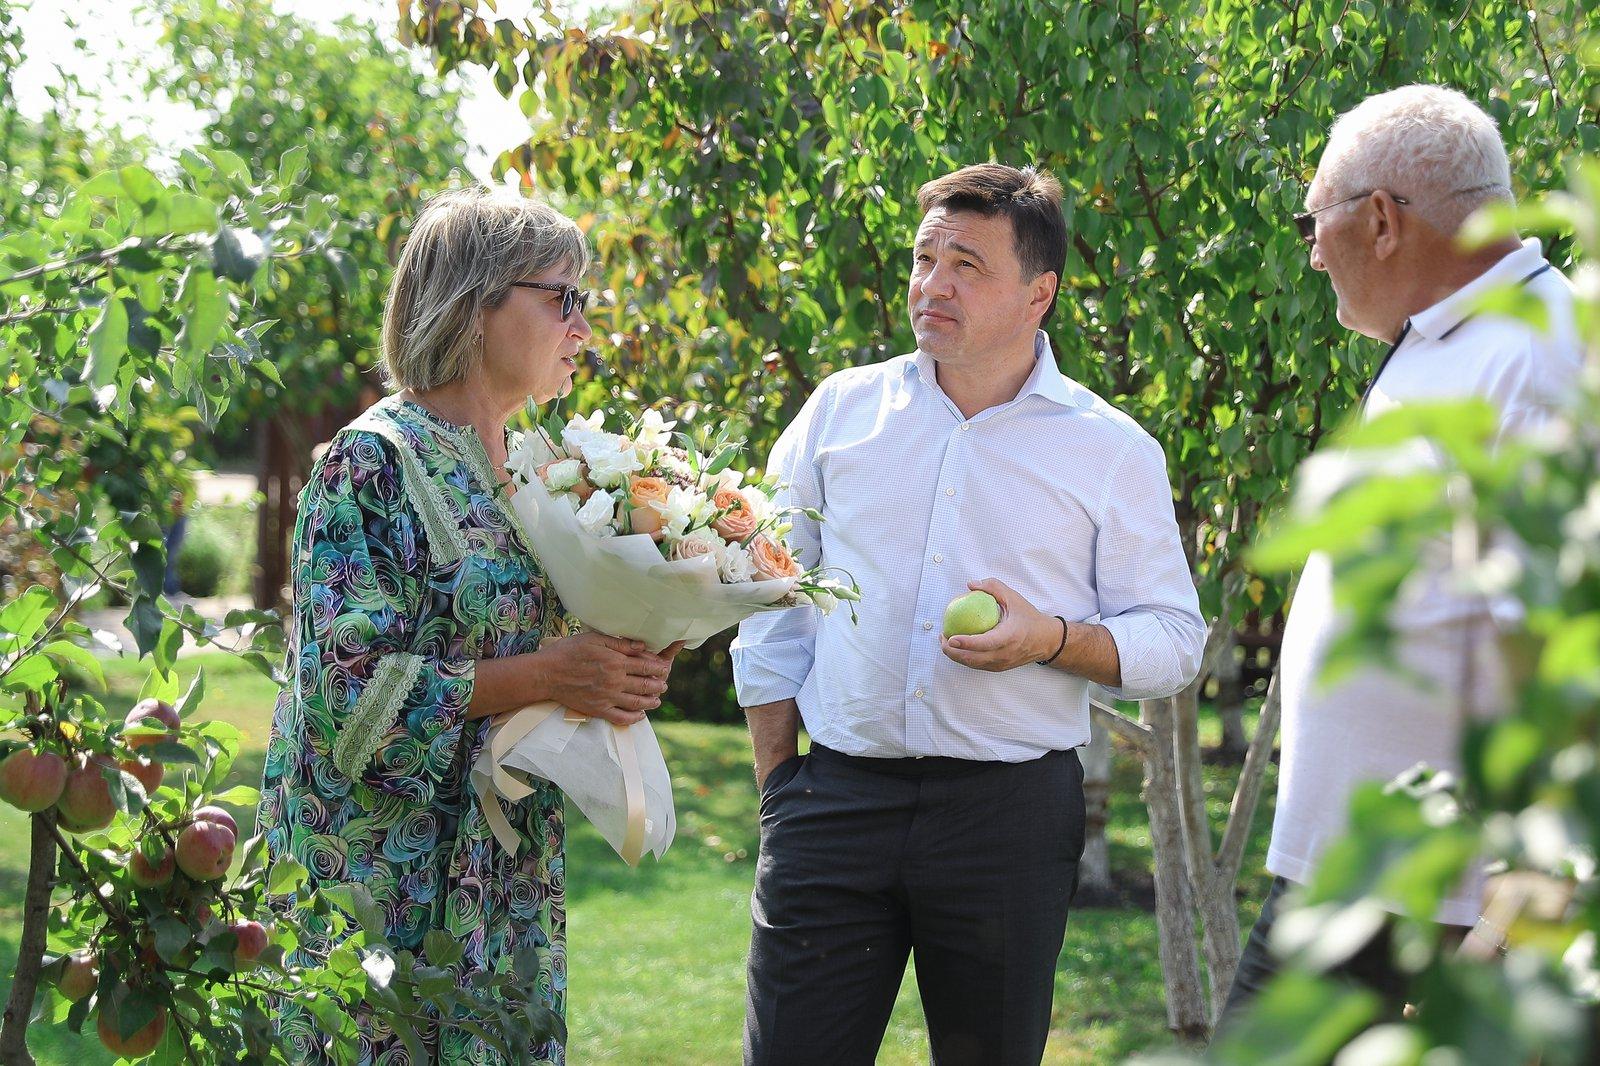 Андрей Воробьев губернатор московской области - Сельское хозяйство, подмосковные таланты и долгожданная школа: поездка в Серебряные Пруды